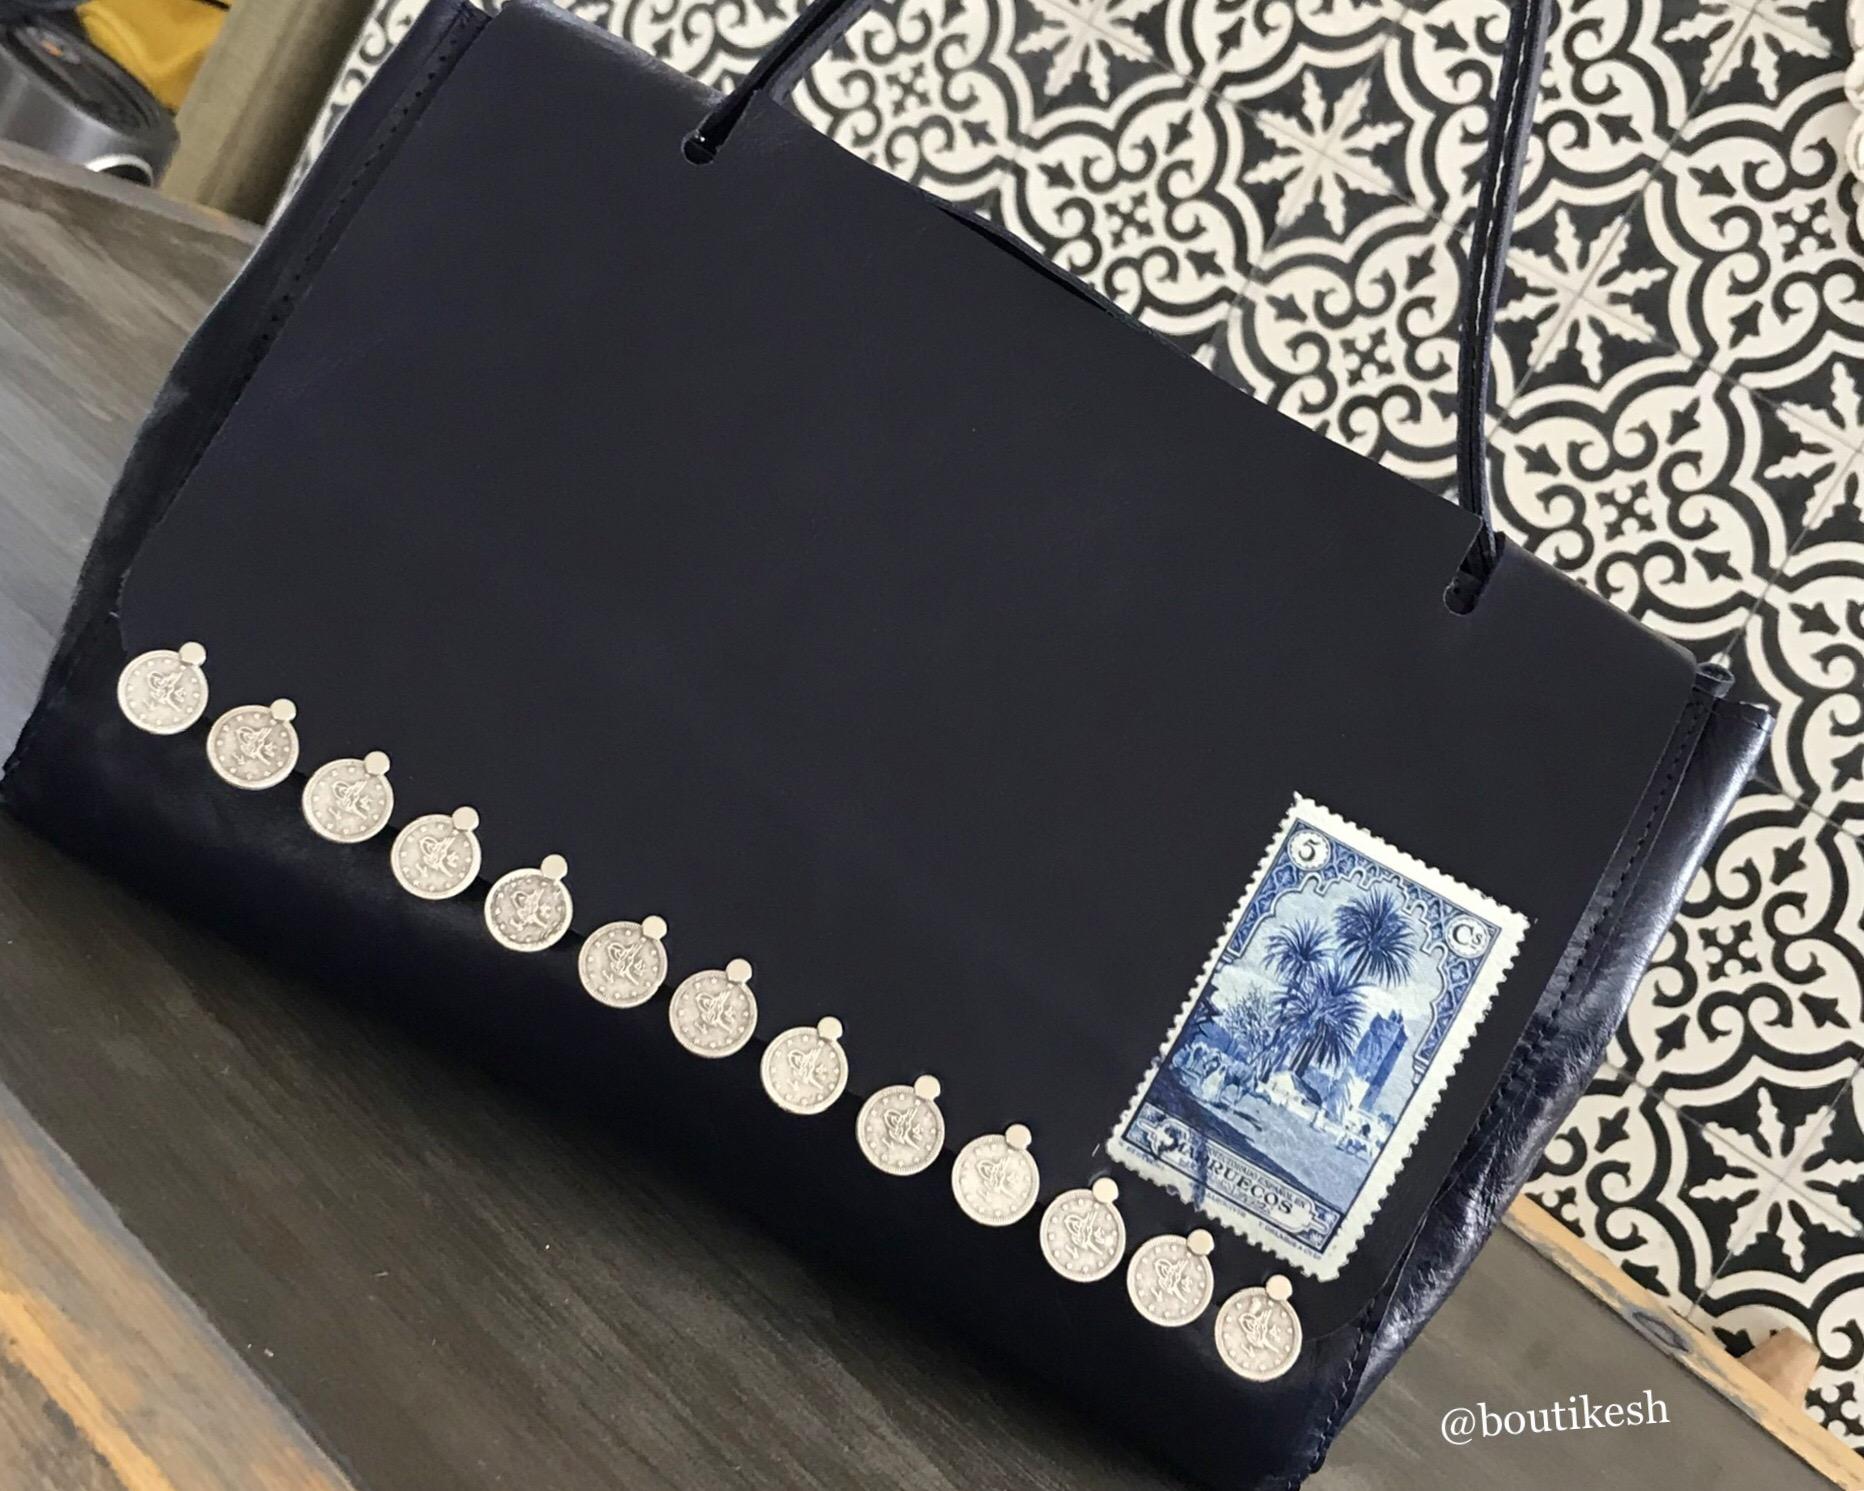 Sac fait main cuir bleu marine avec monnaie et timbre et anse ajustable